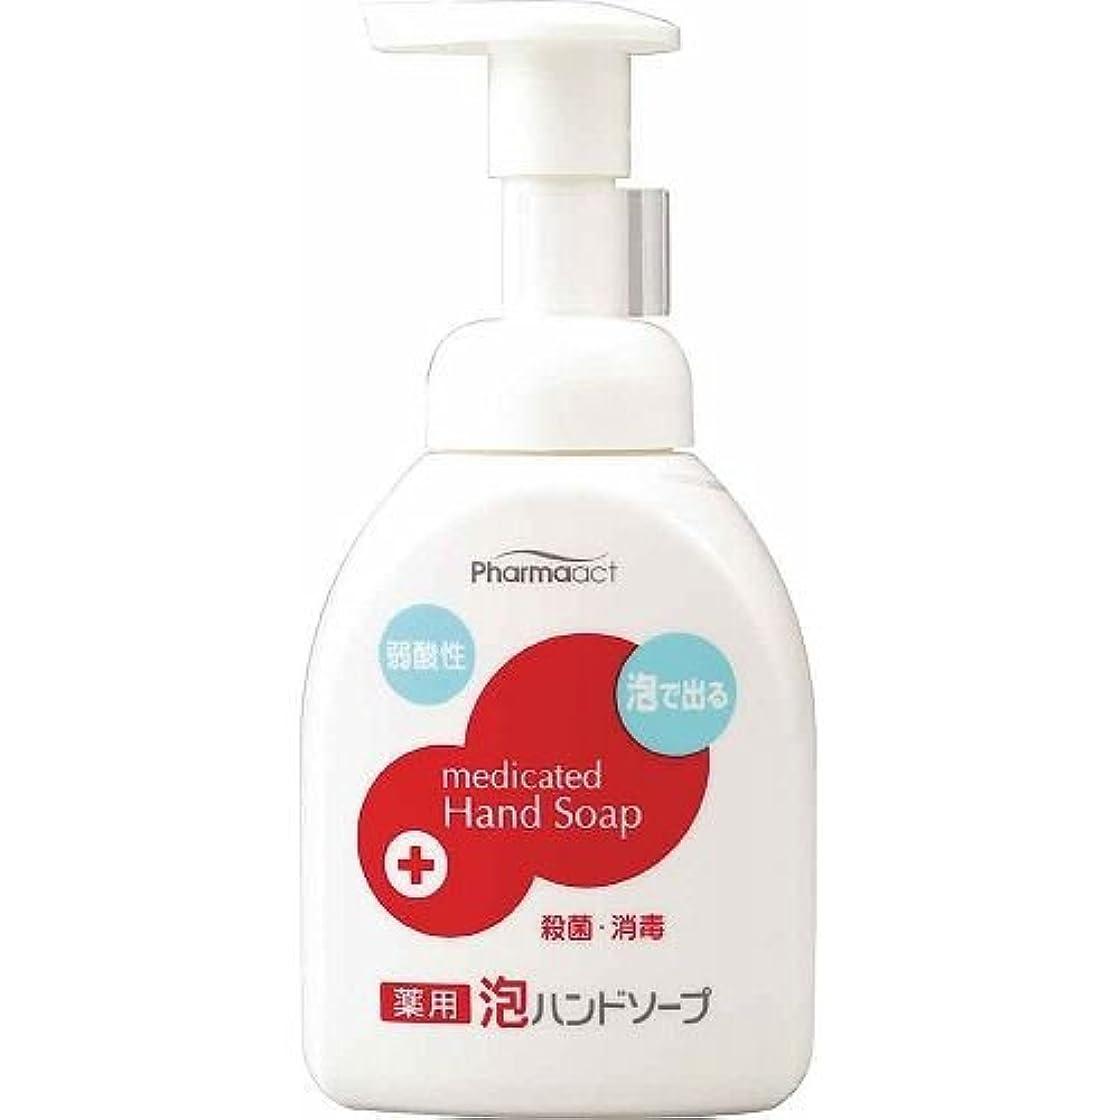 【まとめ買い】ファーマアクト 弱酸性薬用泡ハンドソープボトル 250ml ×10個